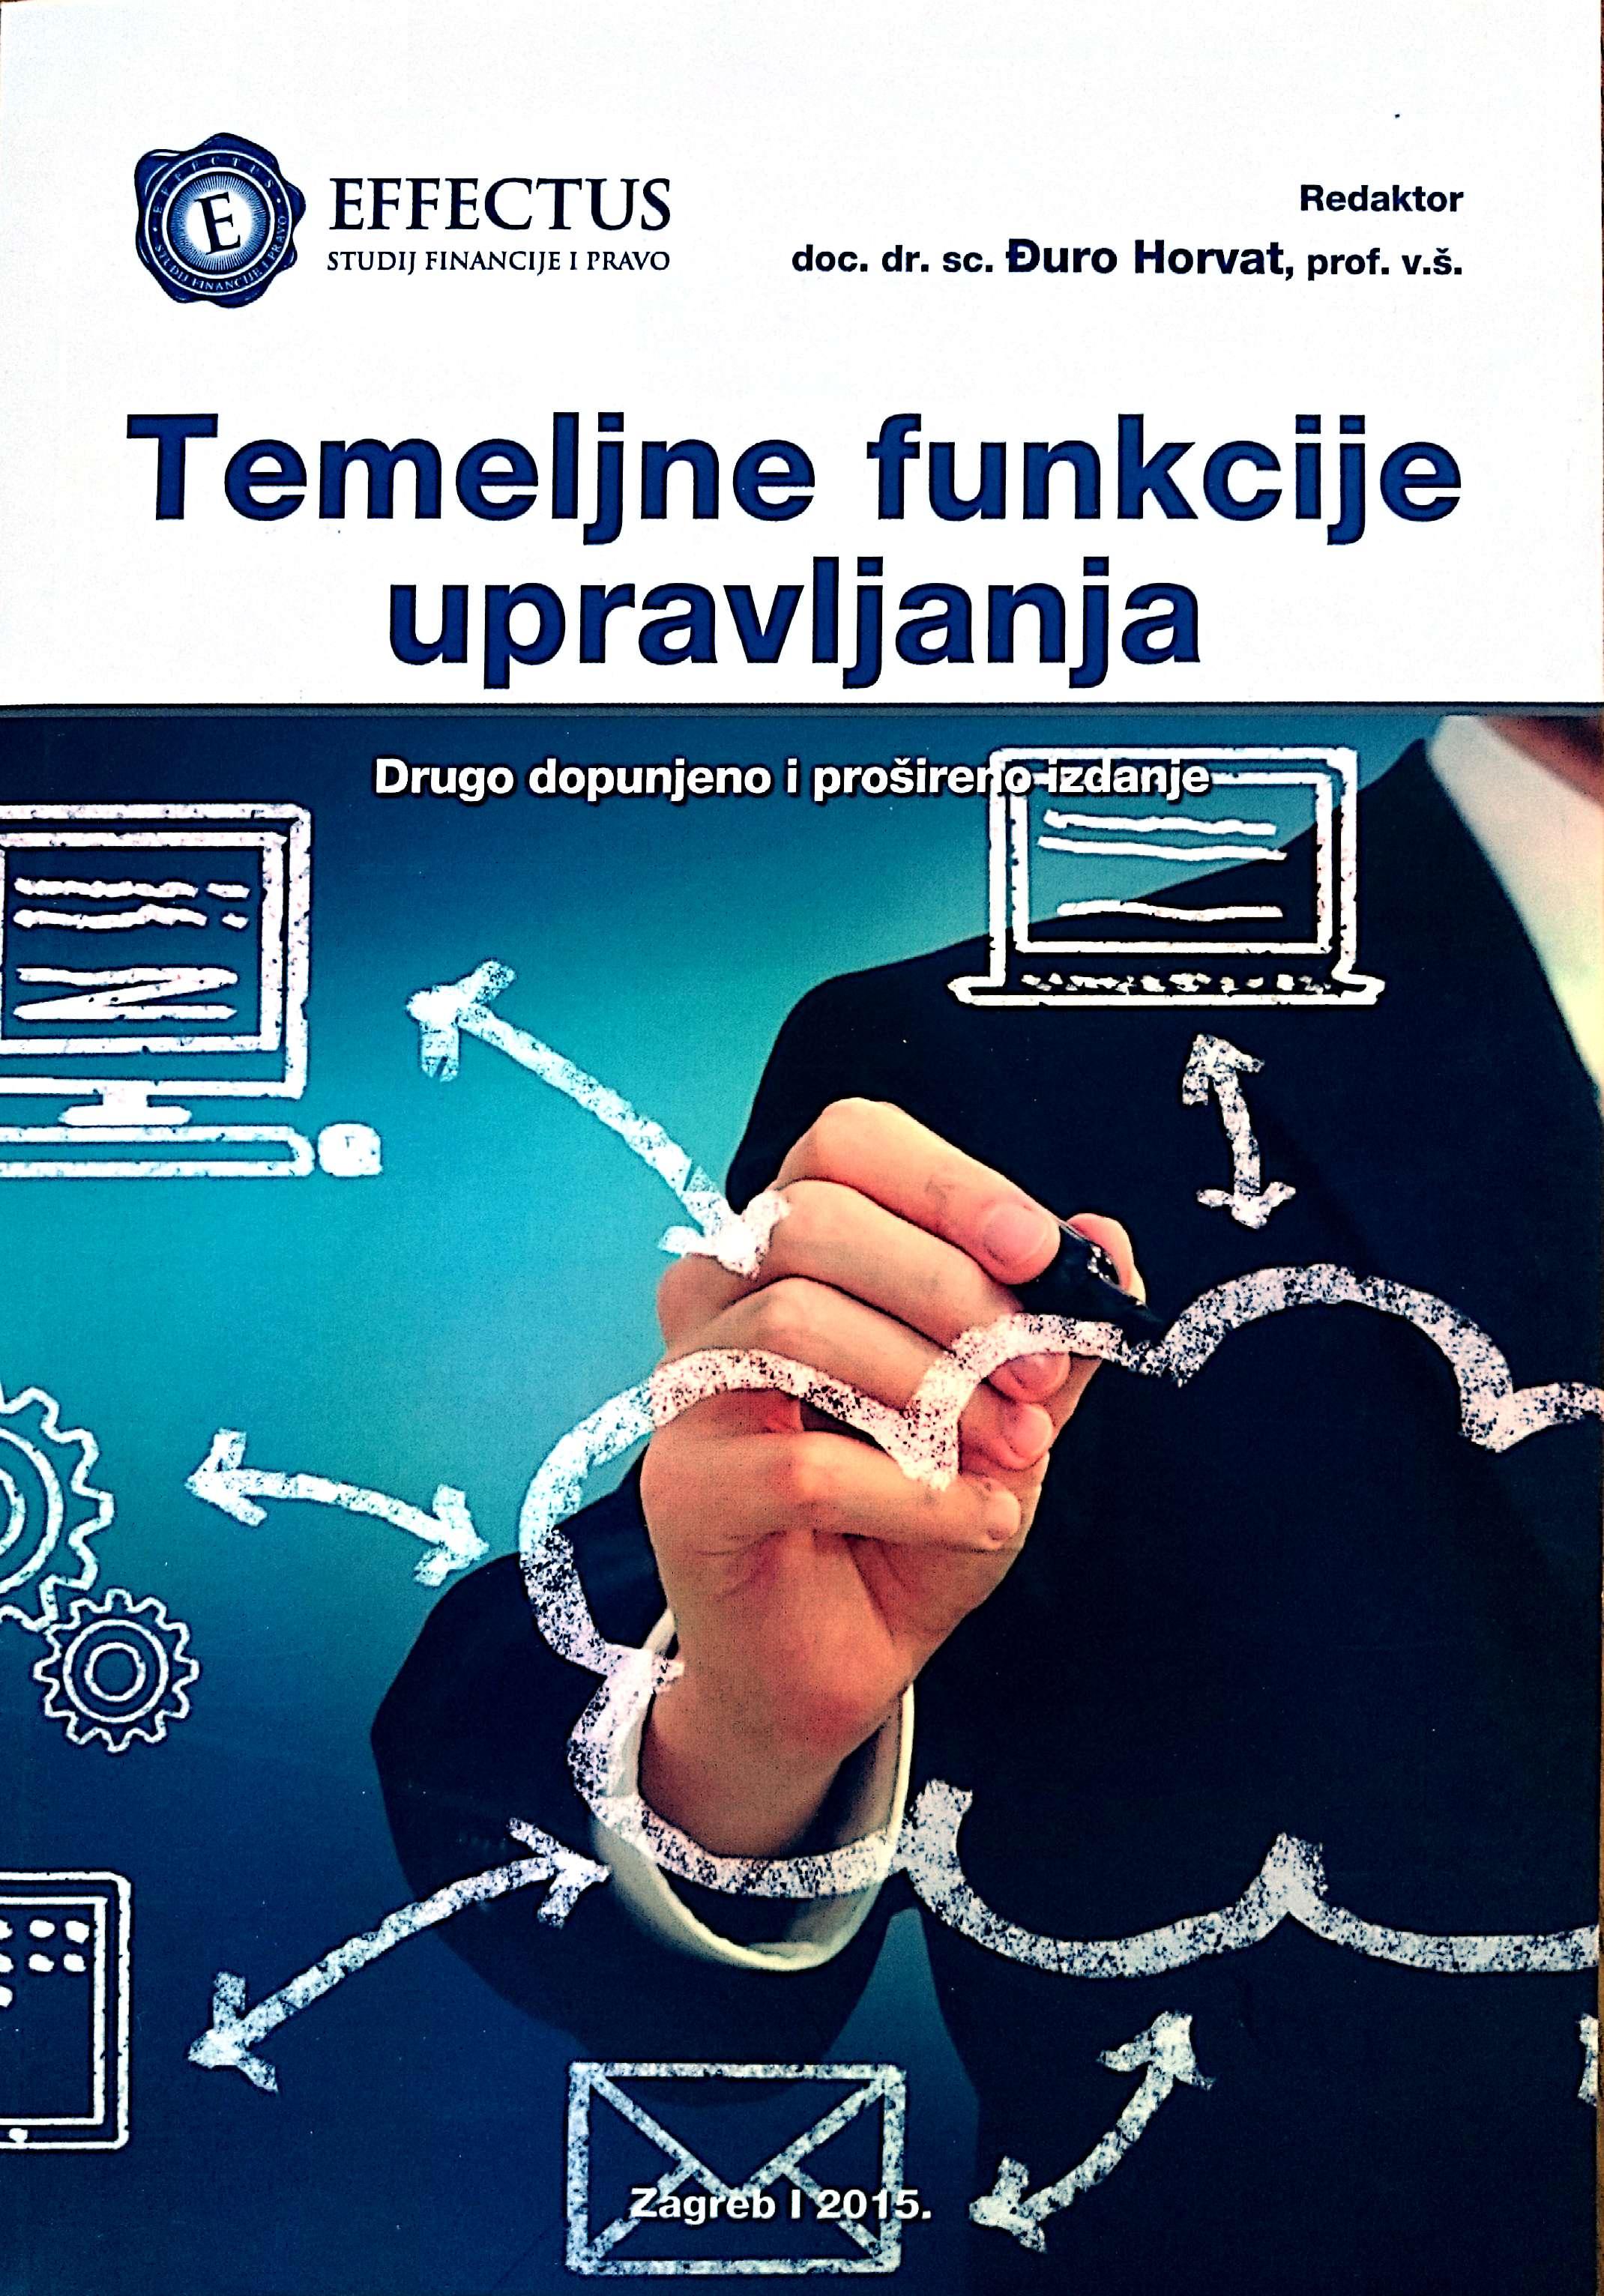 TEMELJNE FUNKCIJE UPRAVLJANJA, II. dopunjeno i prošireno izdanje - Naruči svoju knjigu